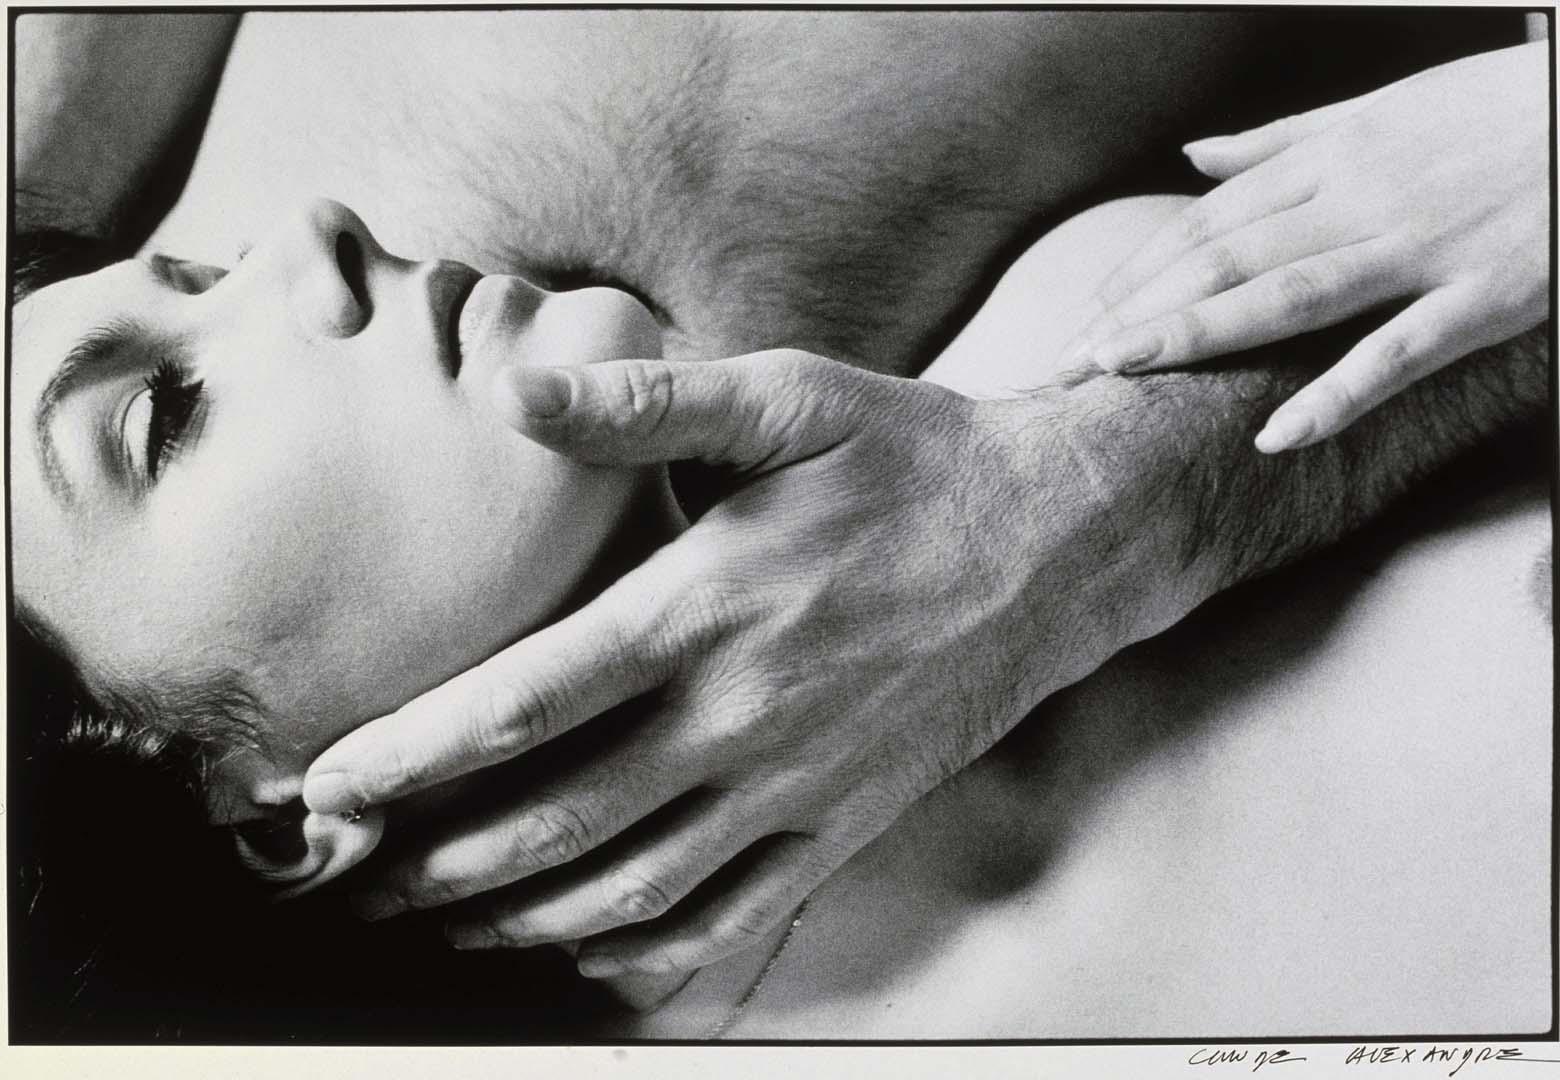 Пайк мужчина гладит женское тело милфы оргии